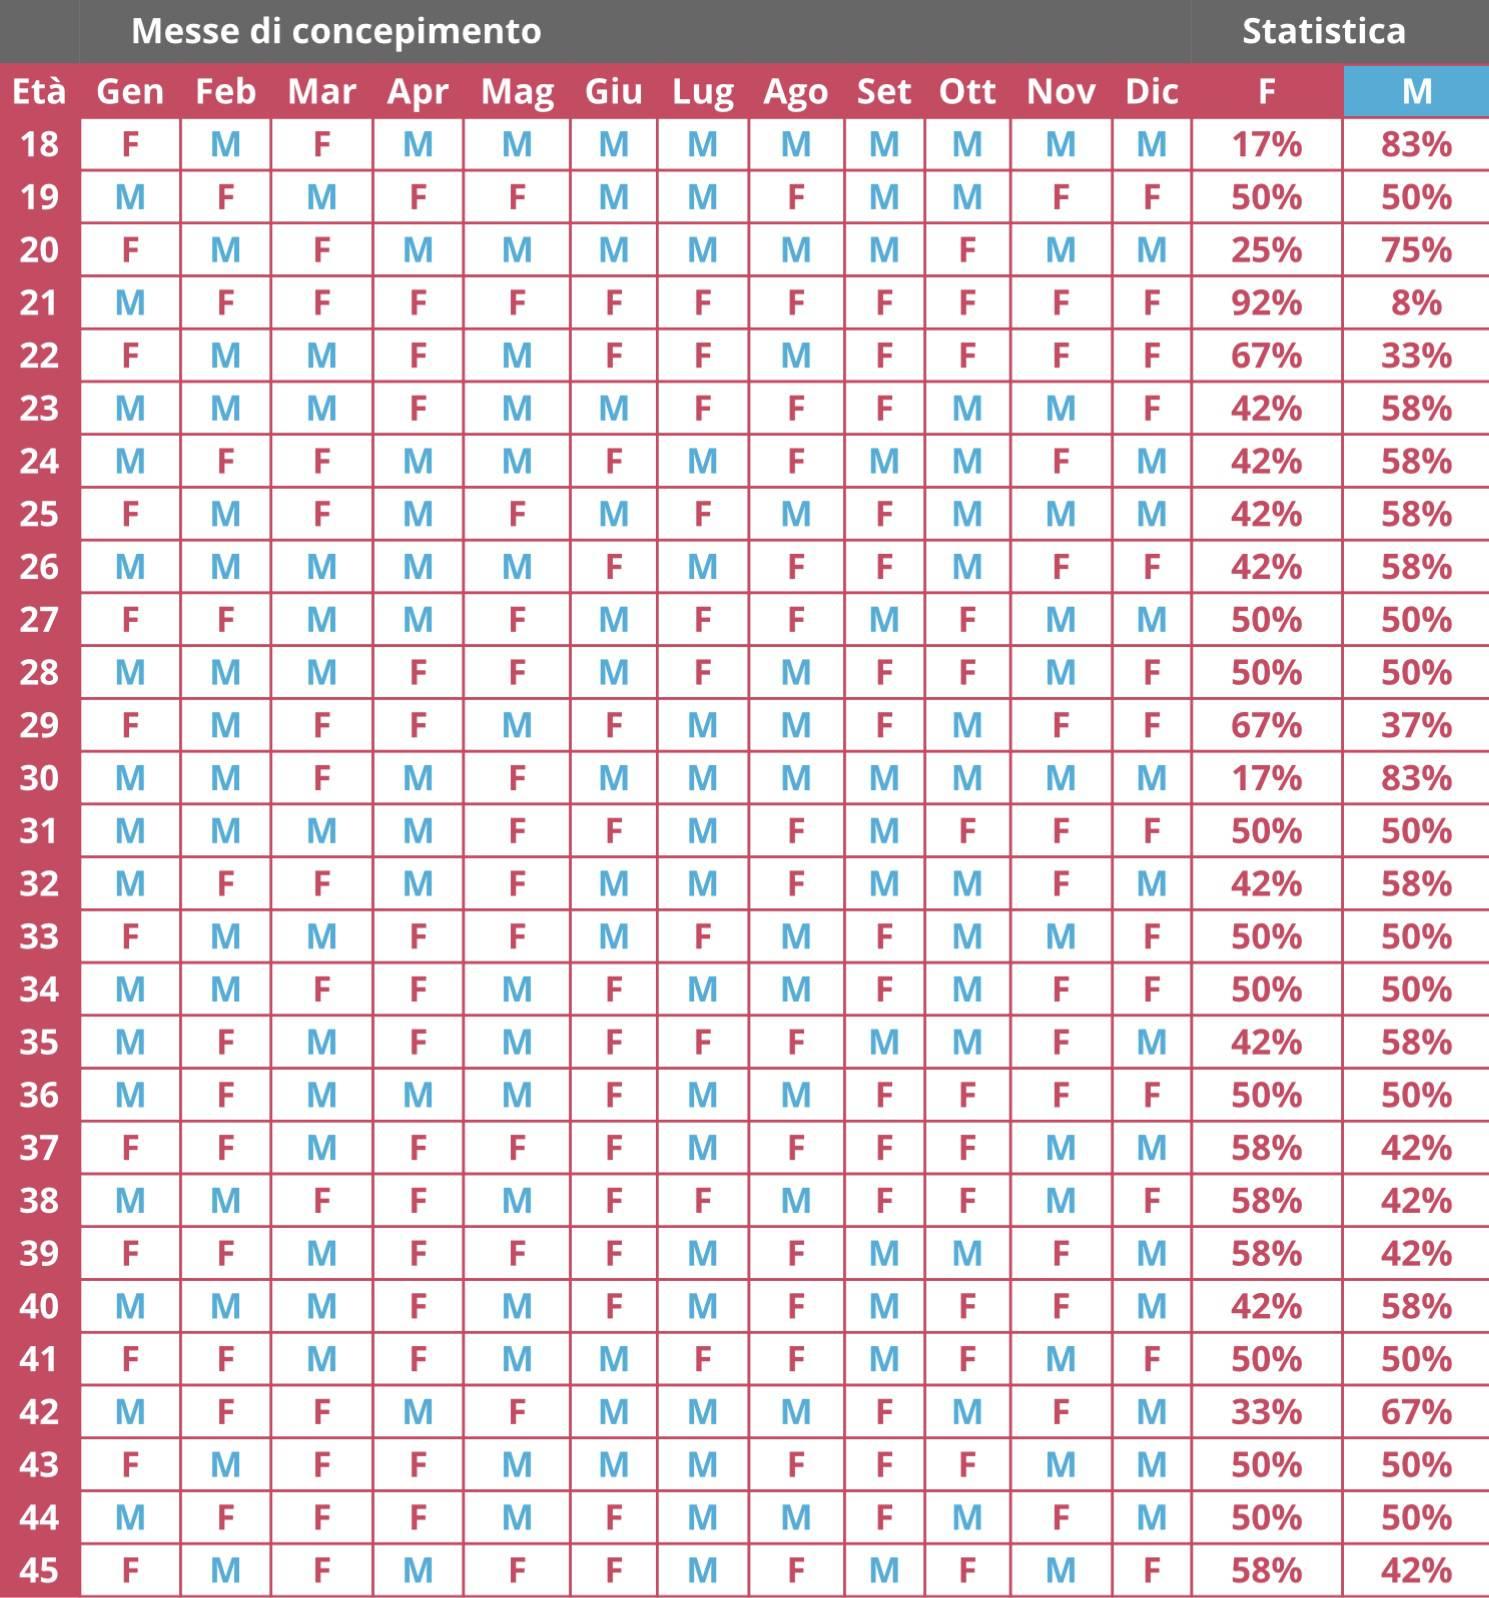 Calendario Concepimento Cinese.Calendario Cinese Per Scoprire Il Sesso Del Nascituro Prima